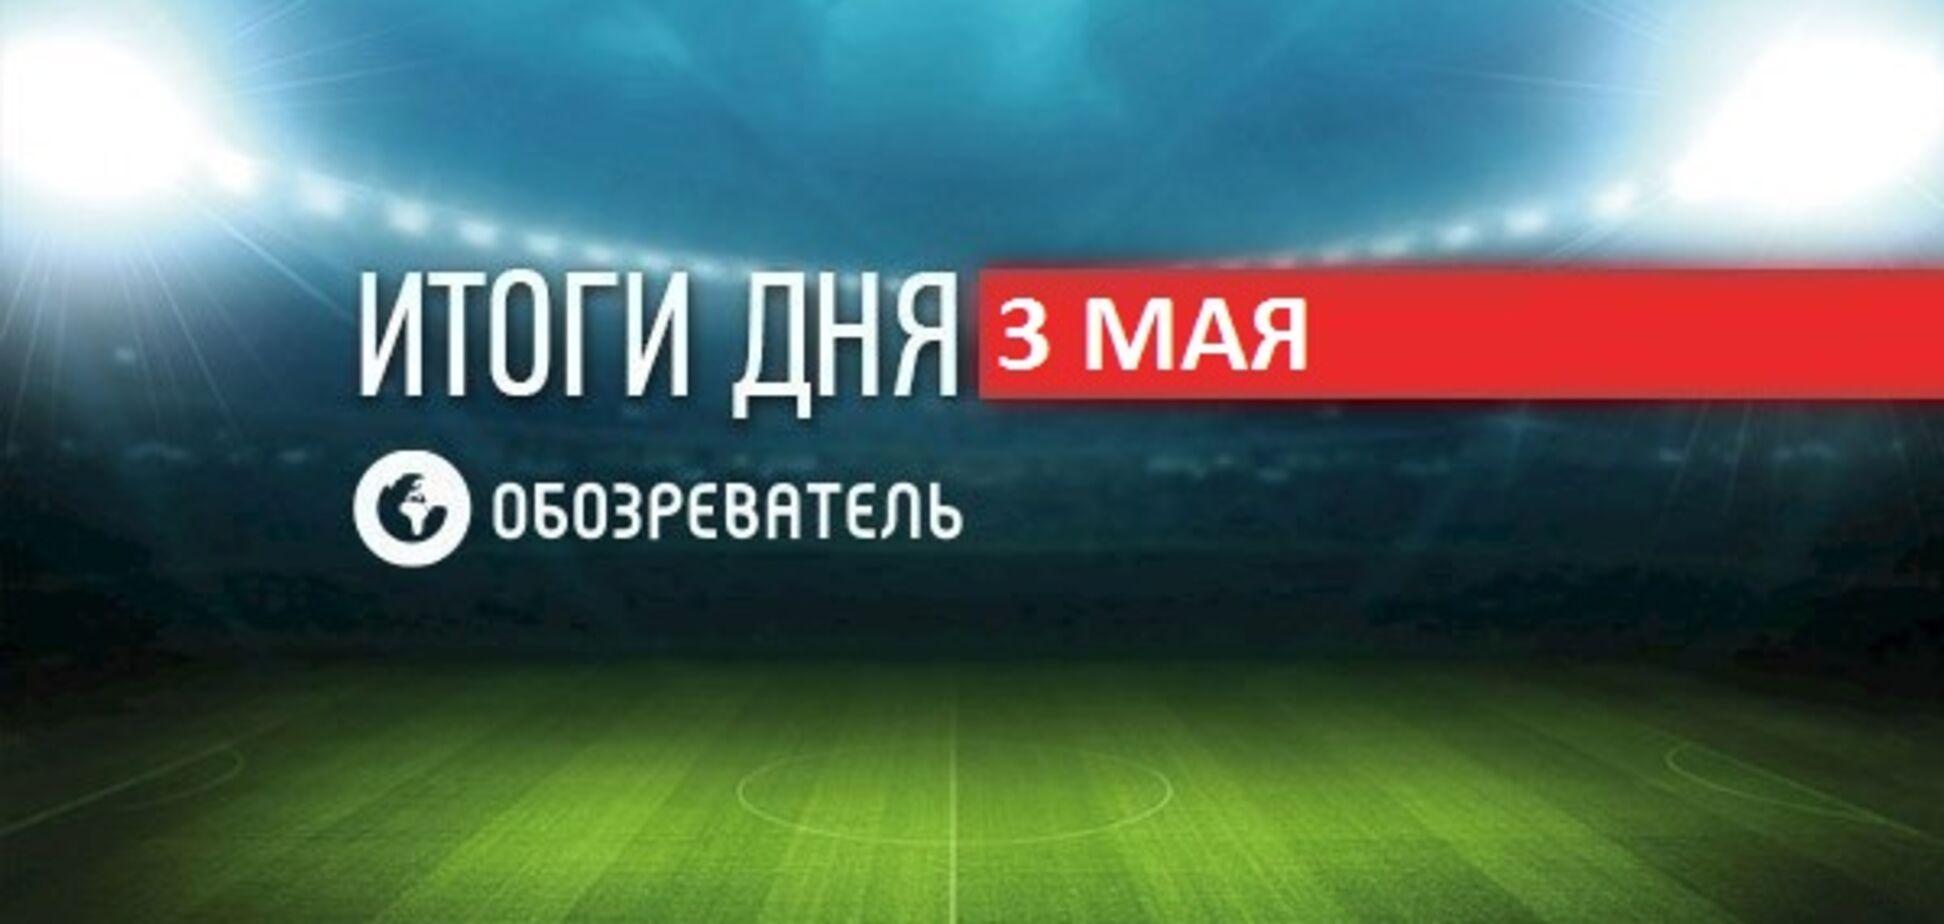 РосСМИ не пустят на финал Лиги чемпионов: спортивные итоги 3 мая